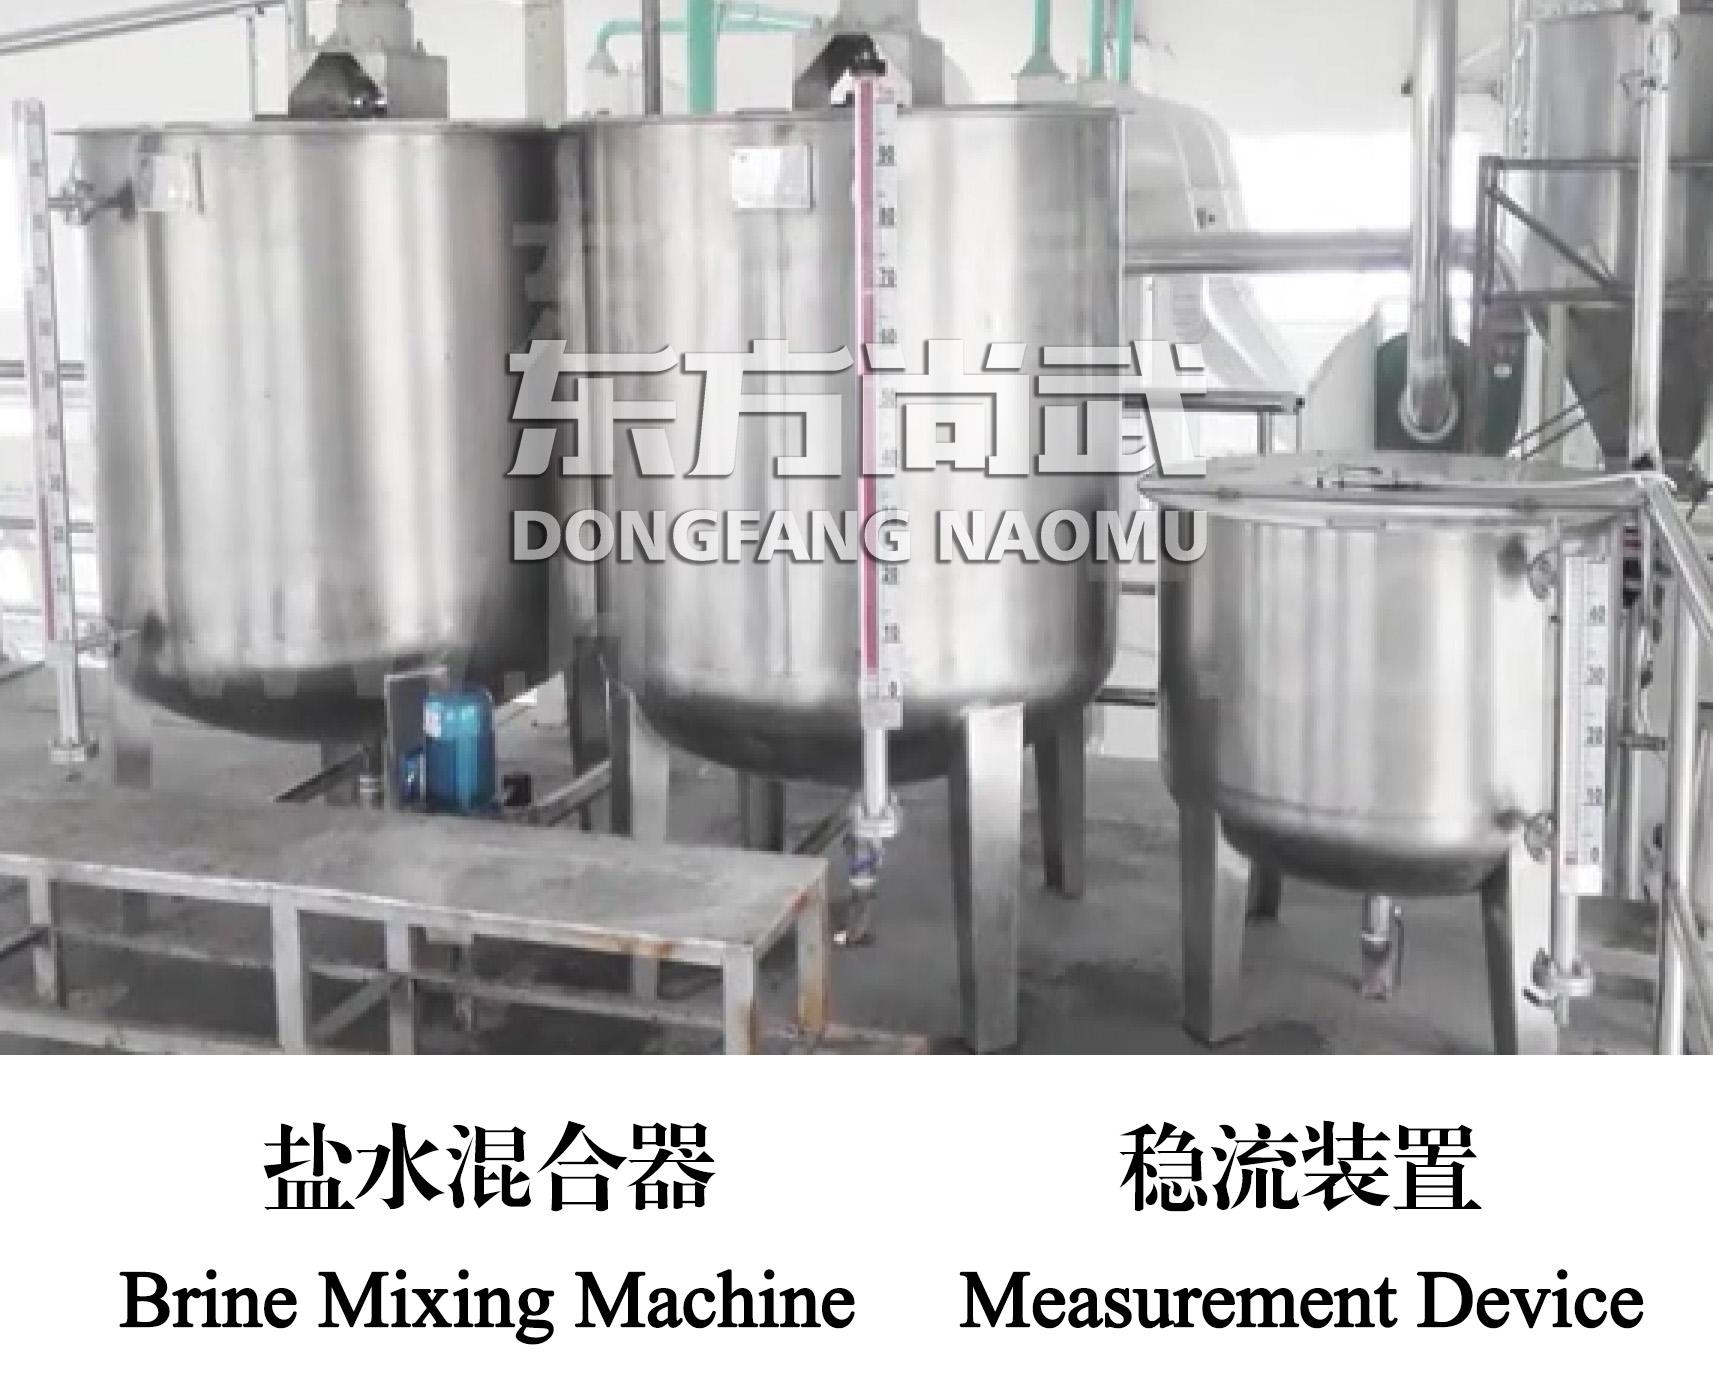 鲜面生产线-半干面生产线设备-东方尚武